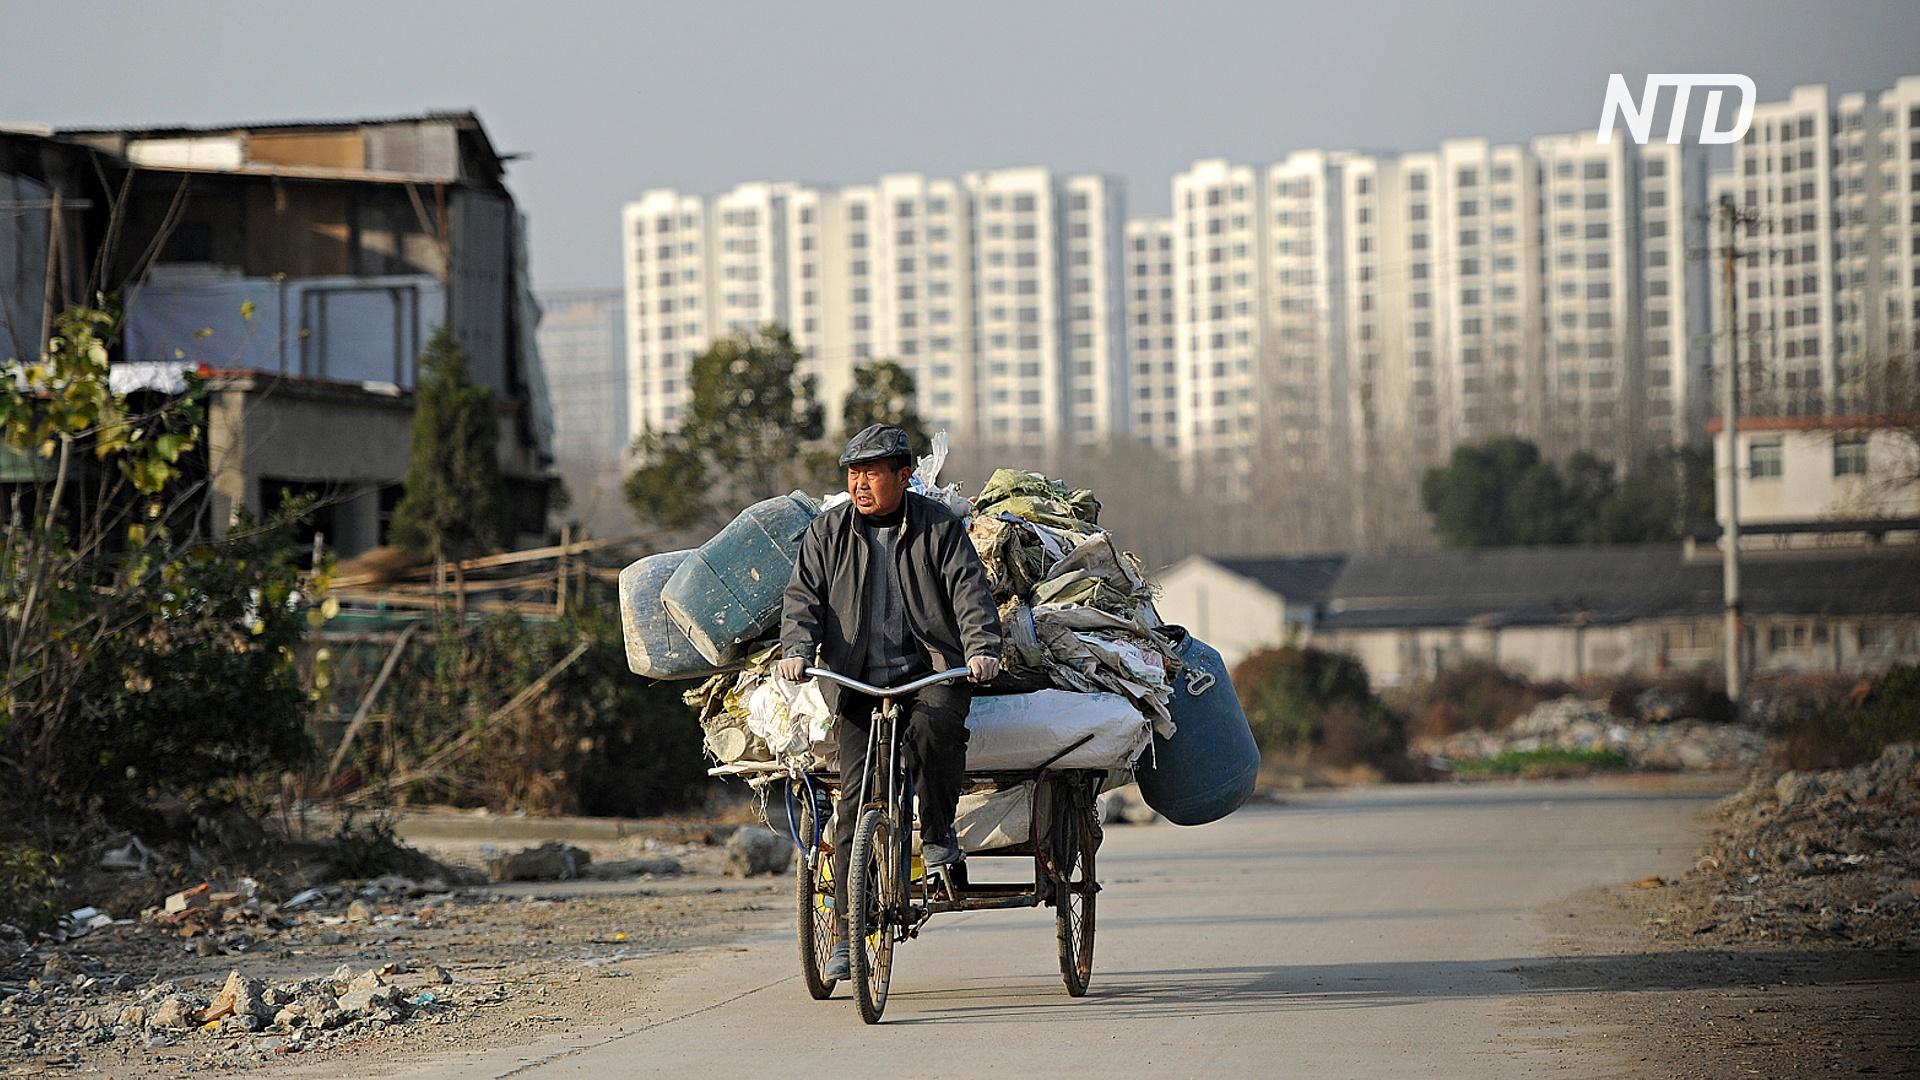 Стремительное экономическое развитие в Китае коснулось не всех